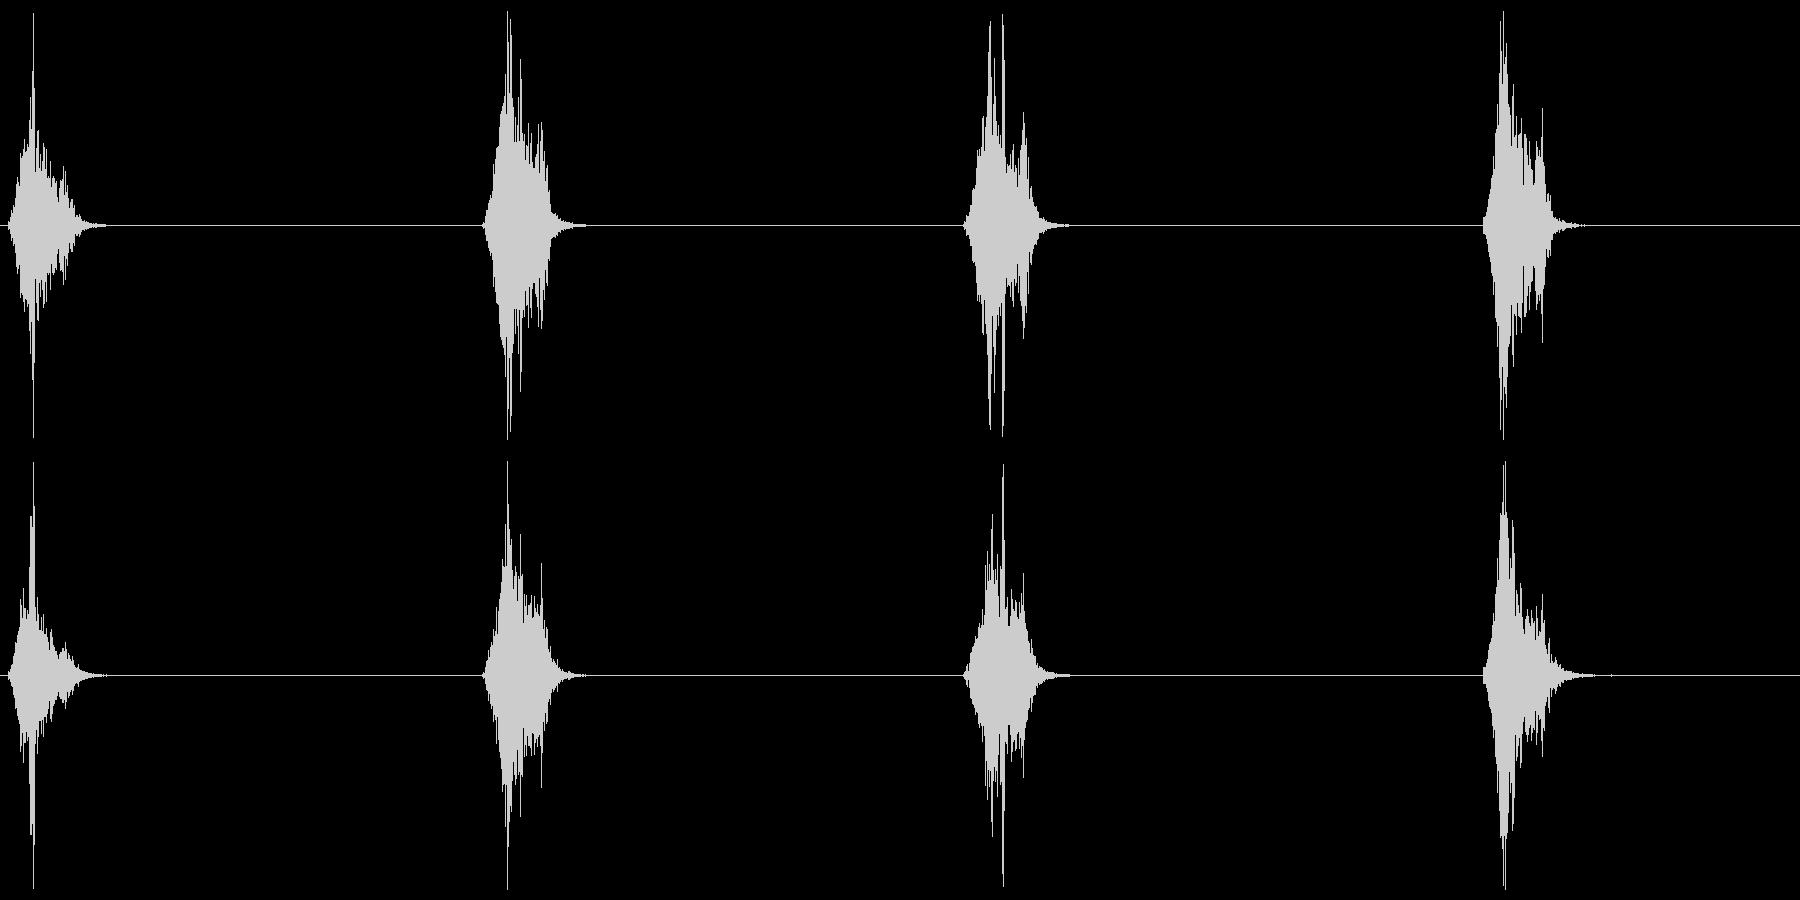 スズメの鳴き声 A 短めの未再生の波形